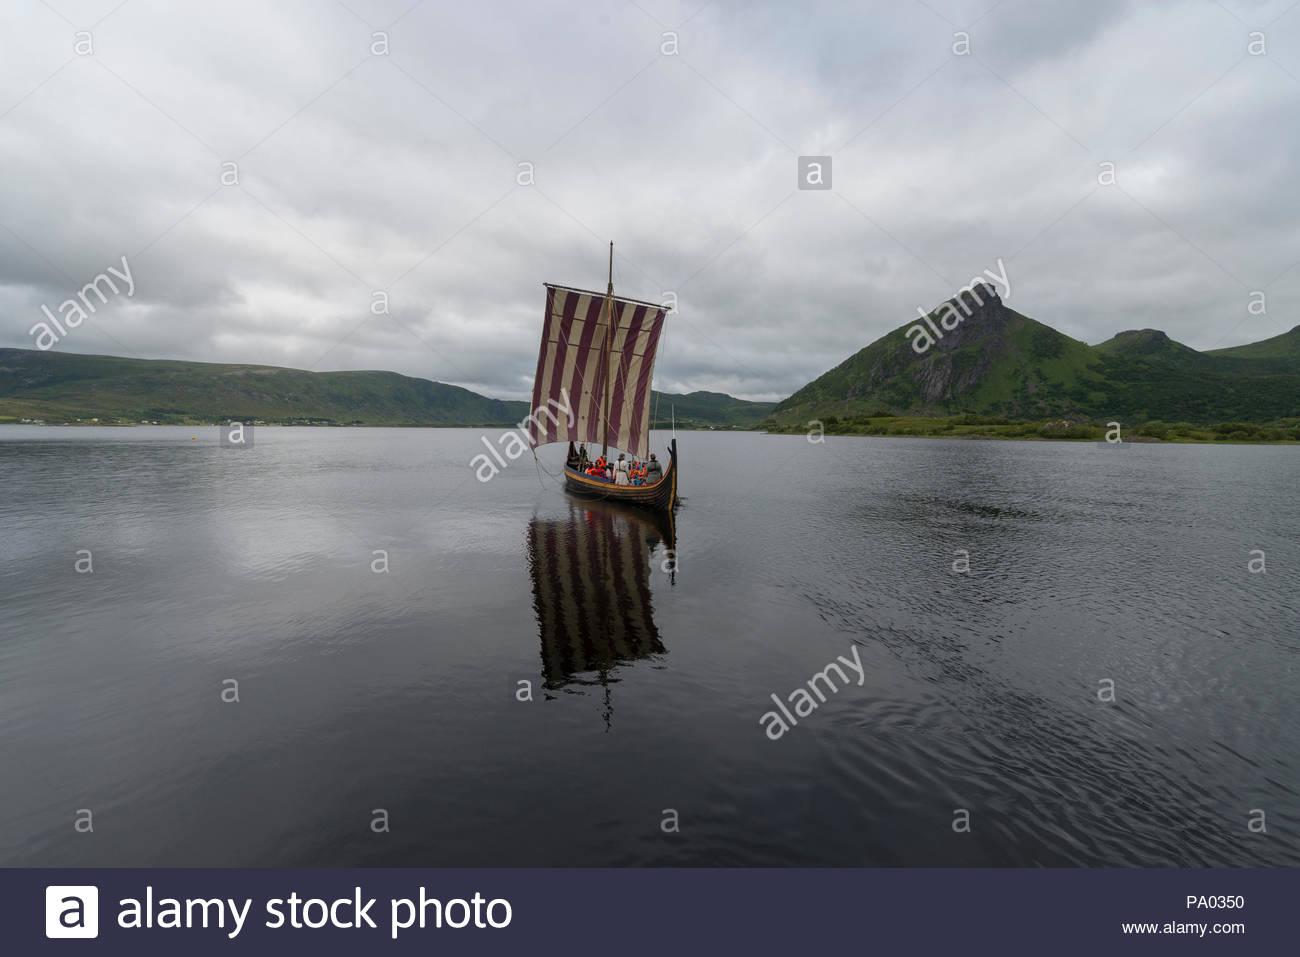 Viking longboat at Viking Museum in Lofoten Islands, Norway - Stock Image